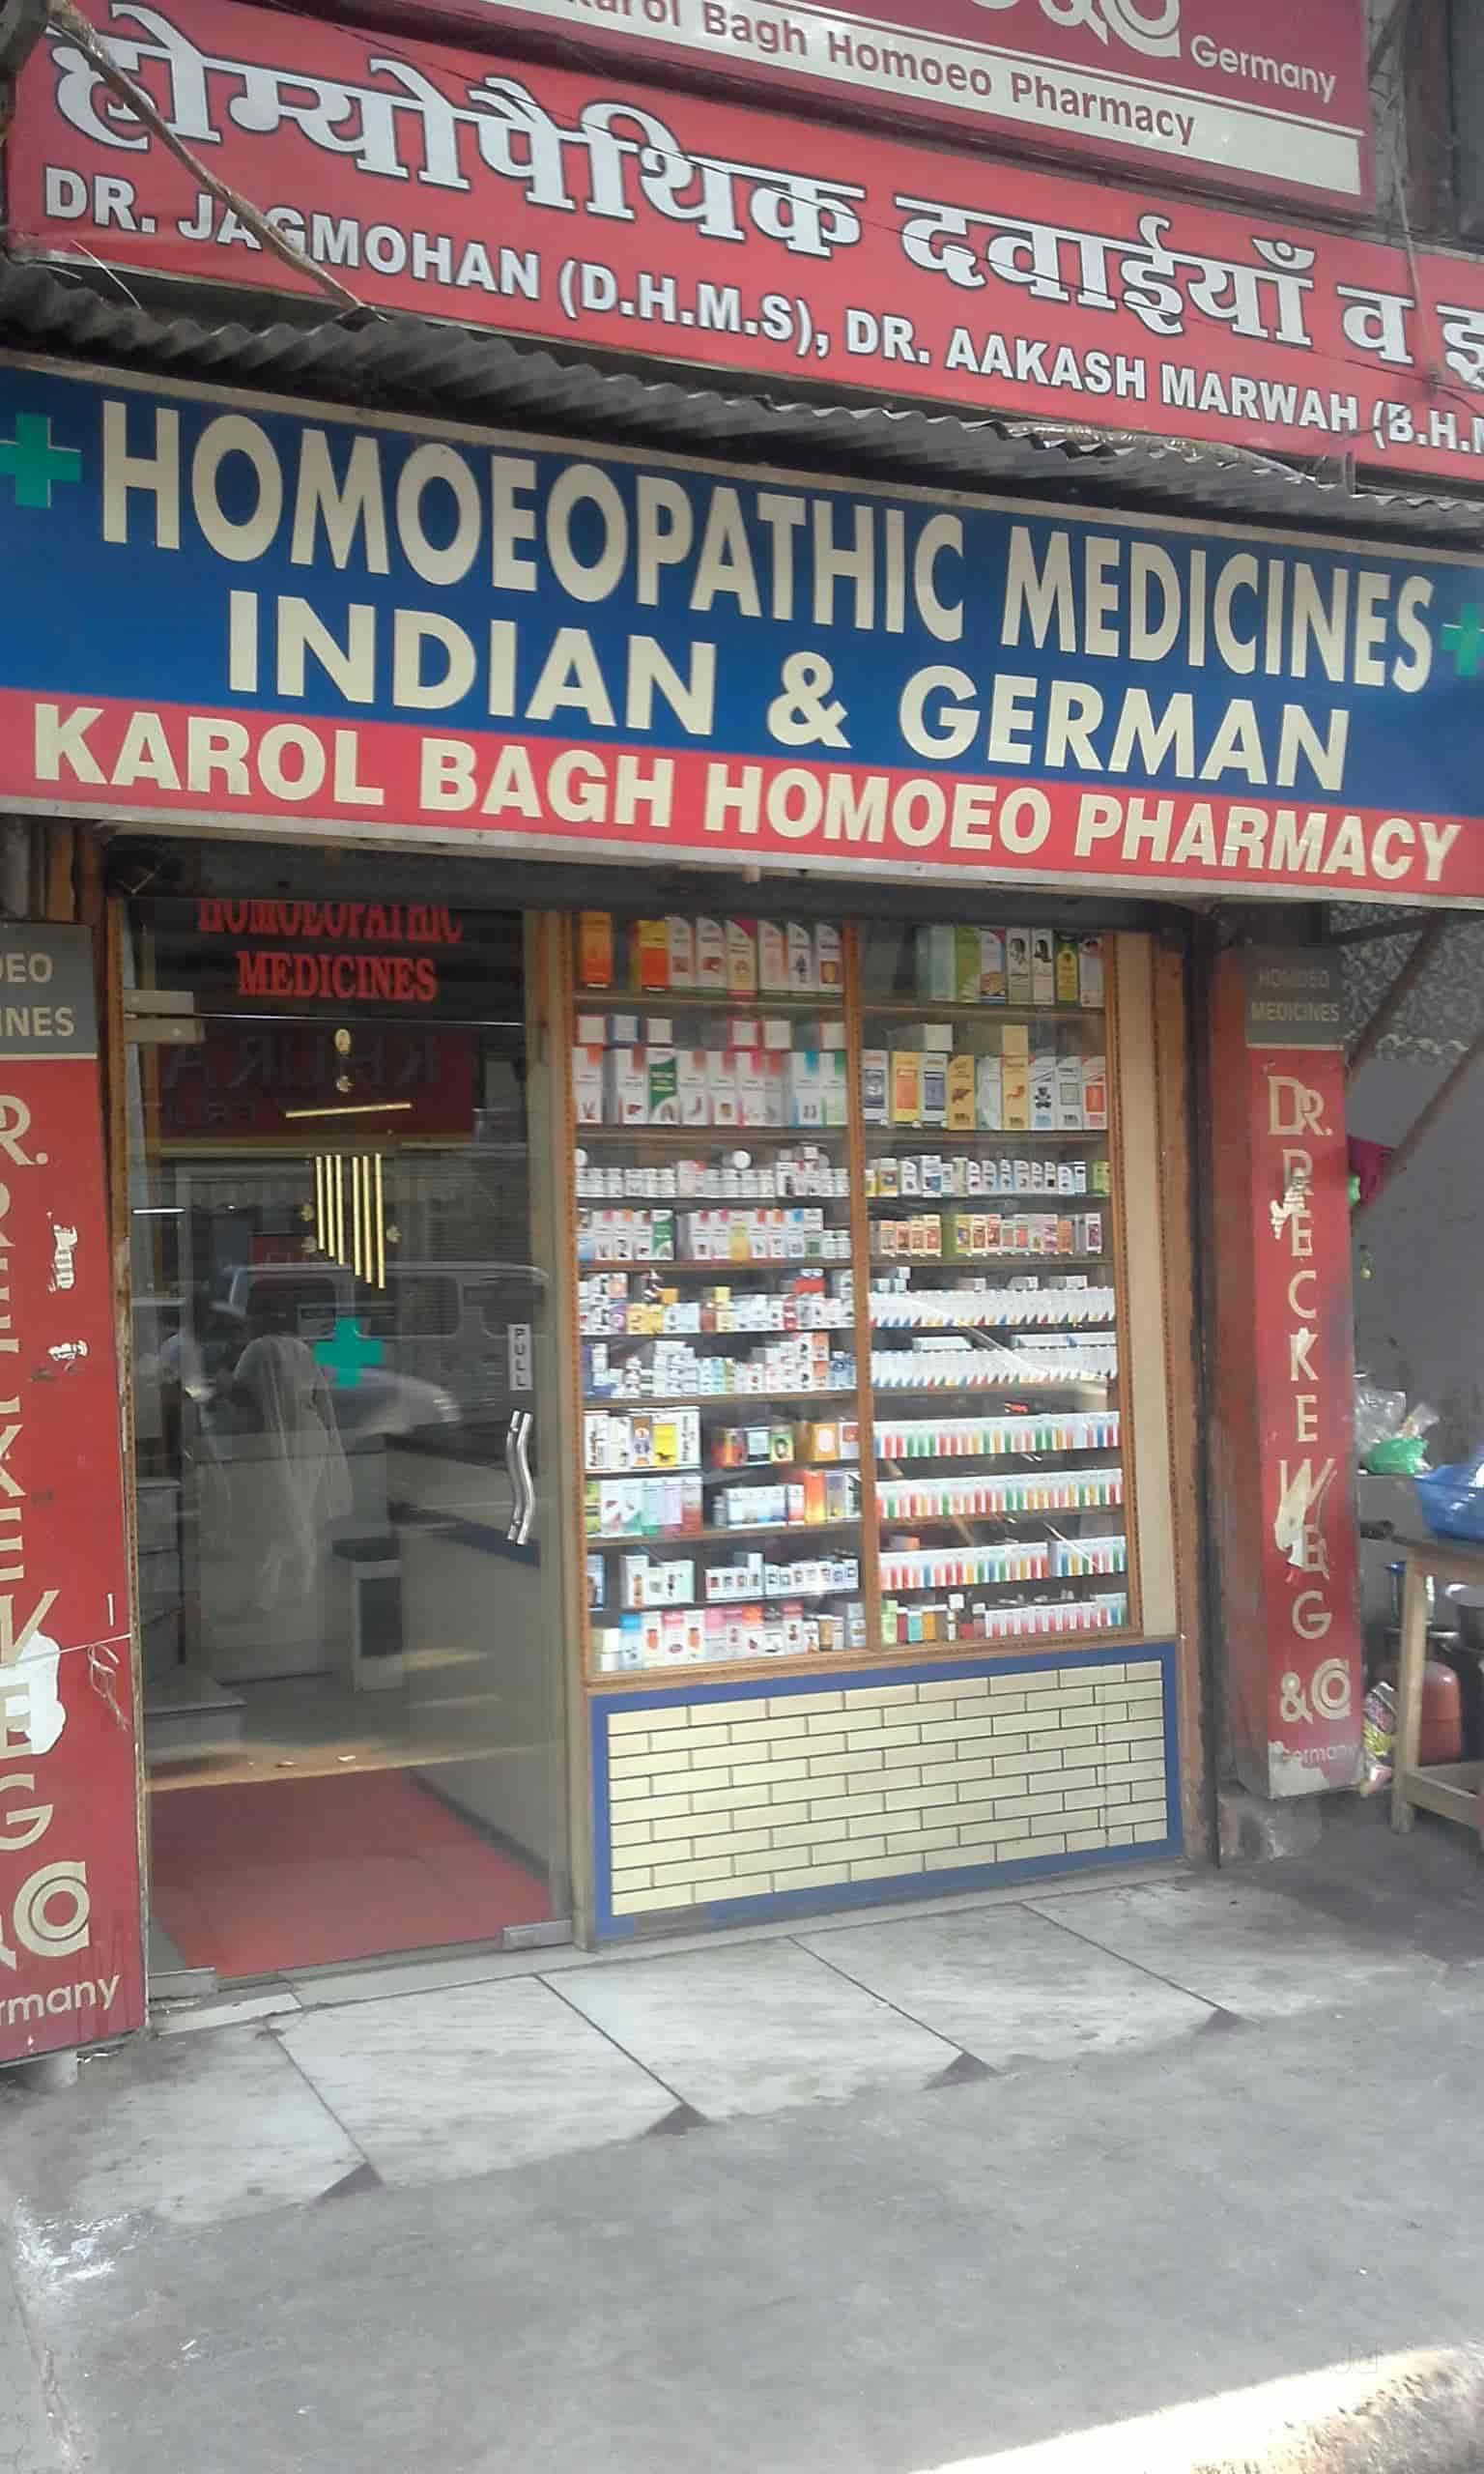 Karol Bagh Homoeo Pharmacy Photos, Karol Bagh, Delhi